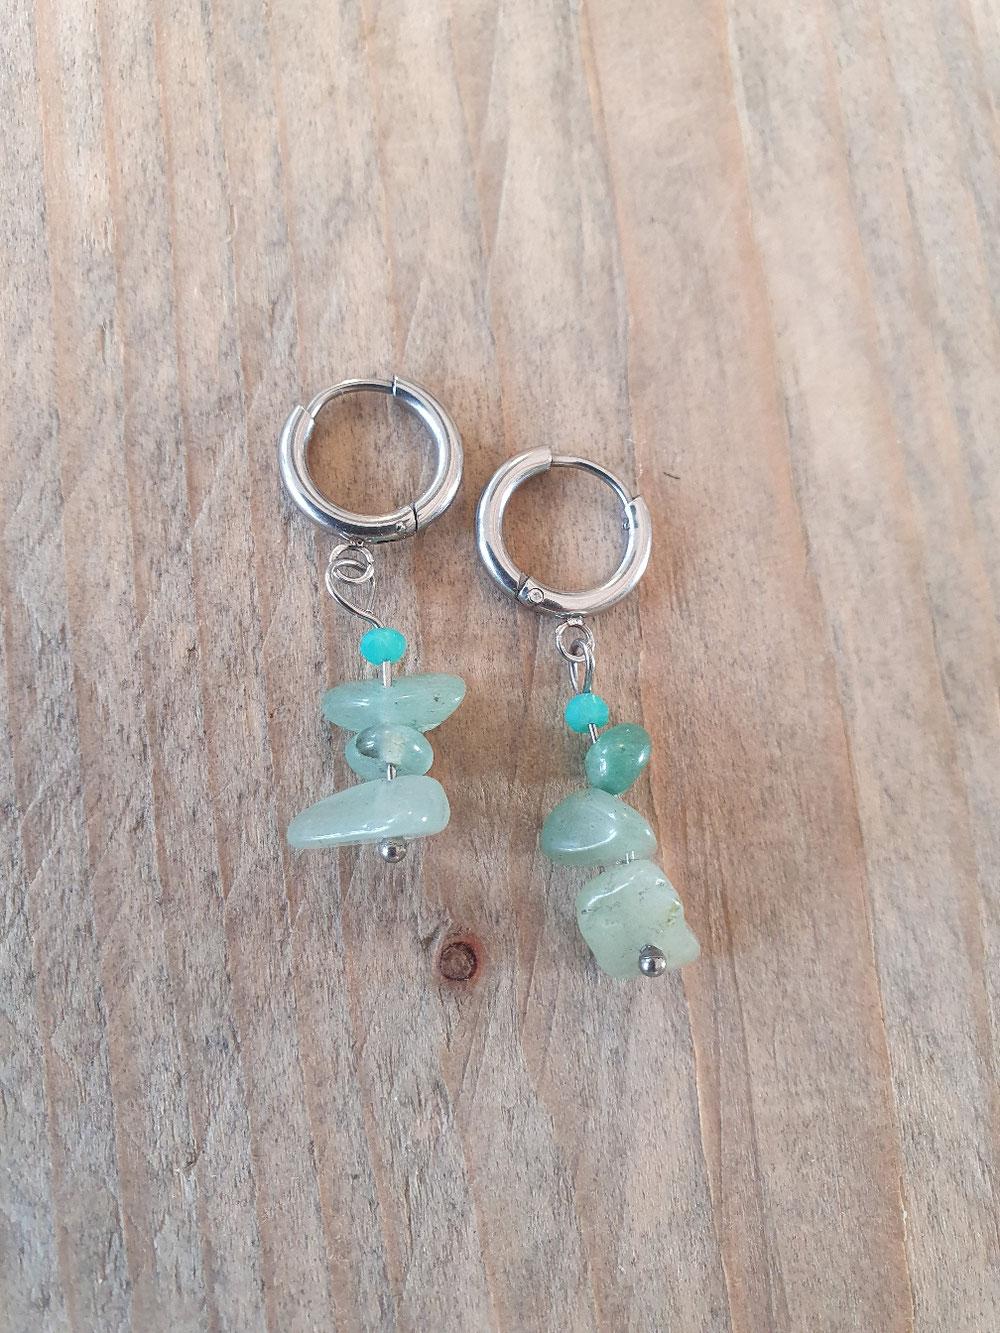 Stainless oorringetjes met natuursteentjes 9.95